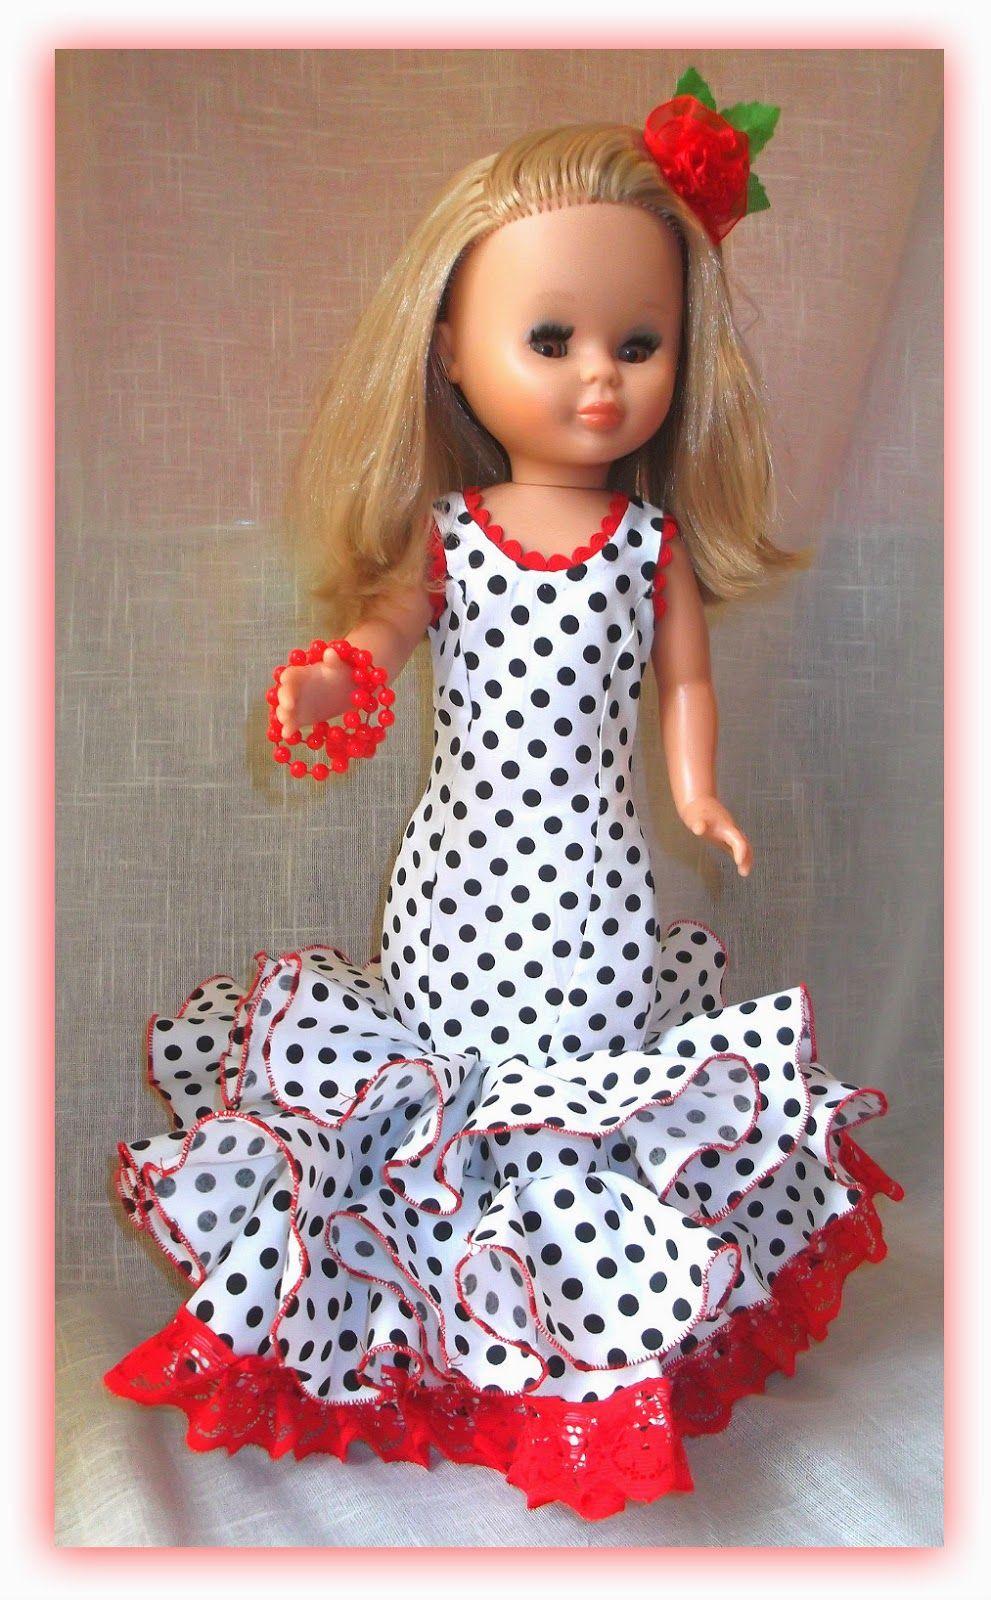 Cosiendo para Nancy, ademas de otras muñecas: Tutorial traje de ...